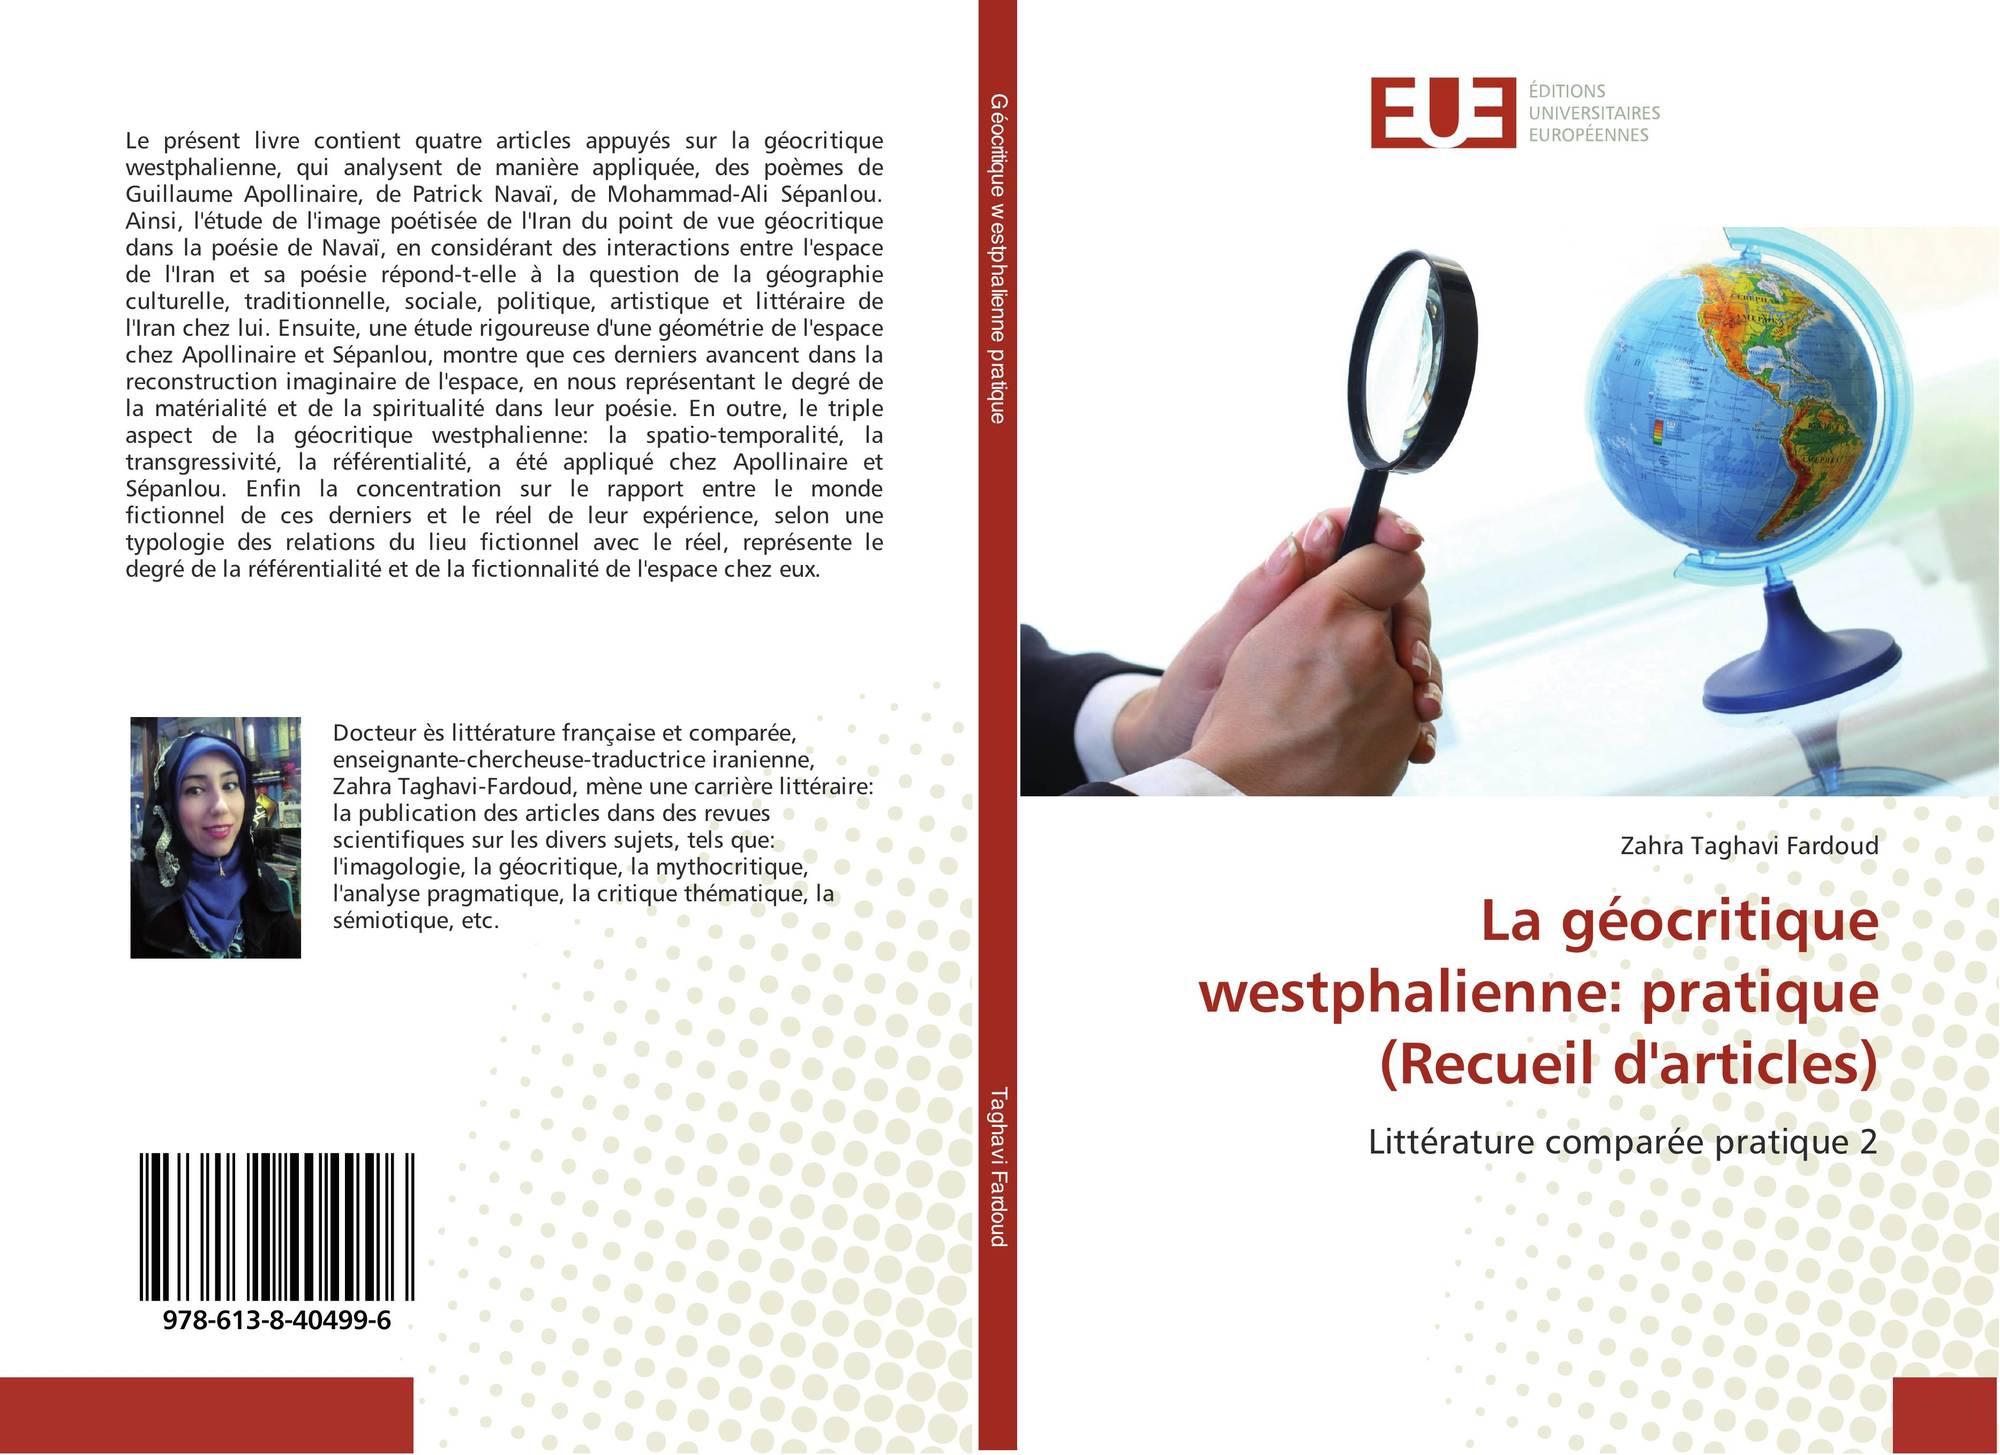 La Géocritique Westphalienne Pratique Recueil Darticles